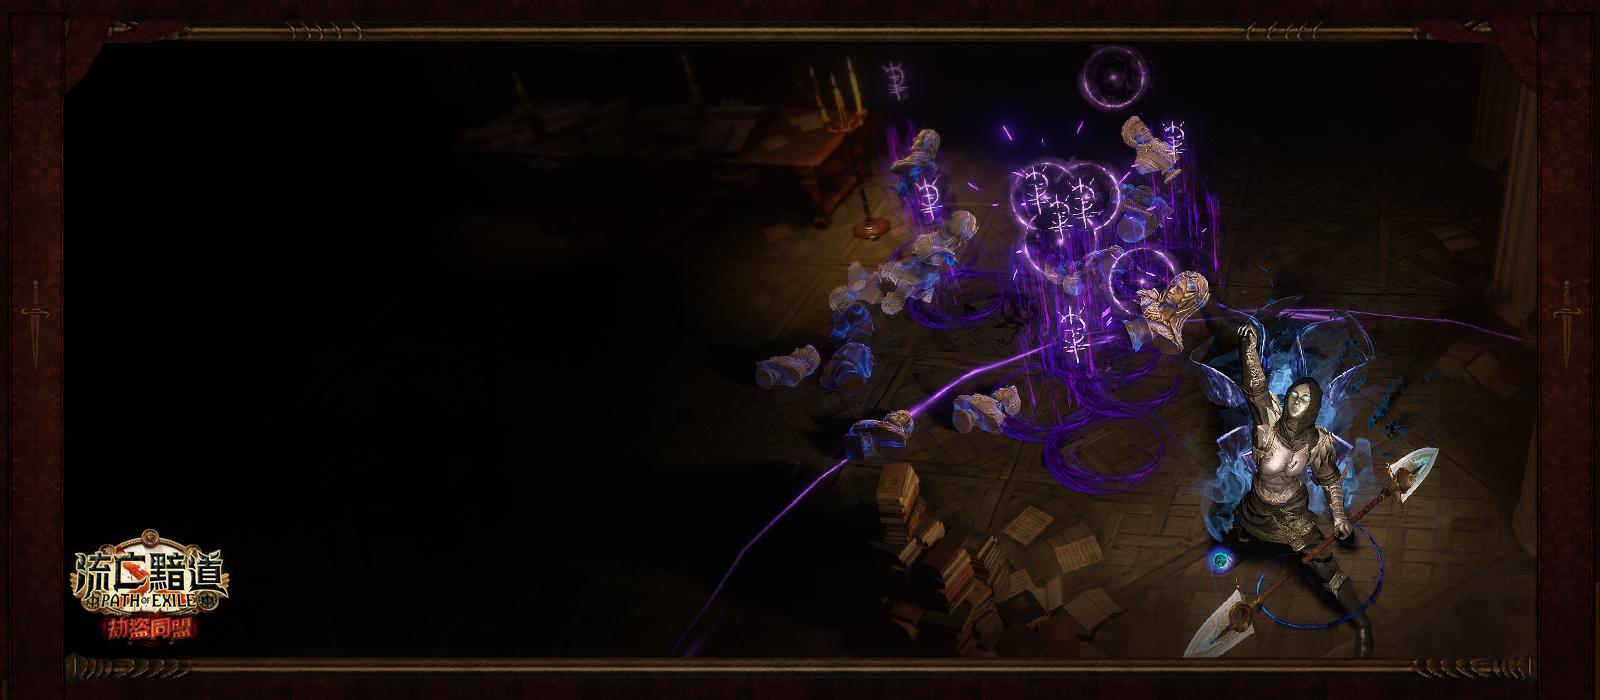 全新型態的道具附魔「武器」和「胸甲」也可在「劫盜之星」任務中取得